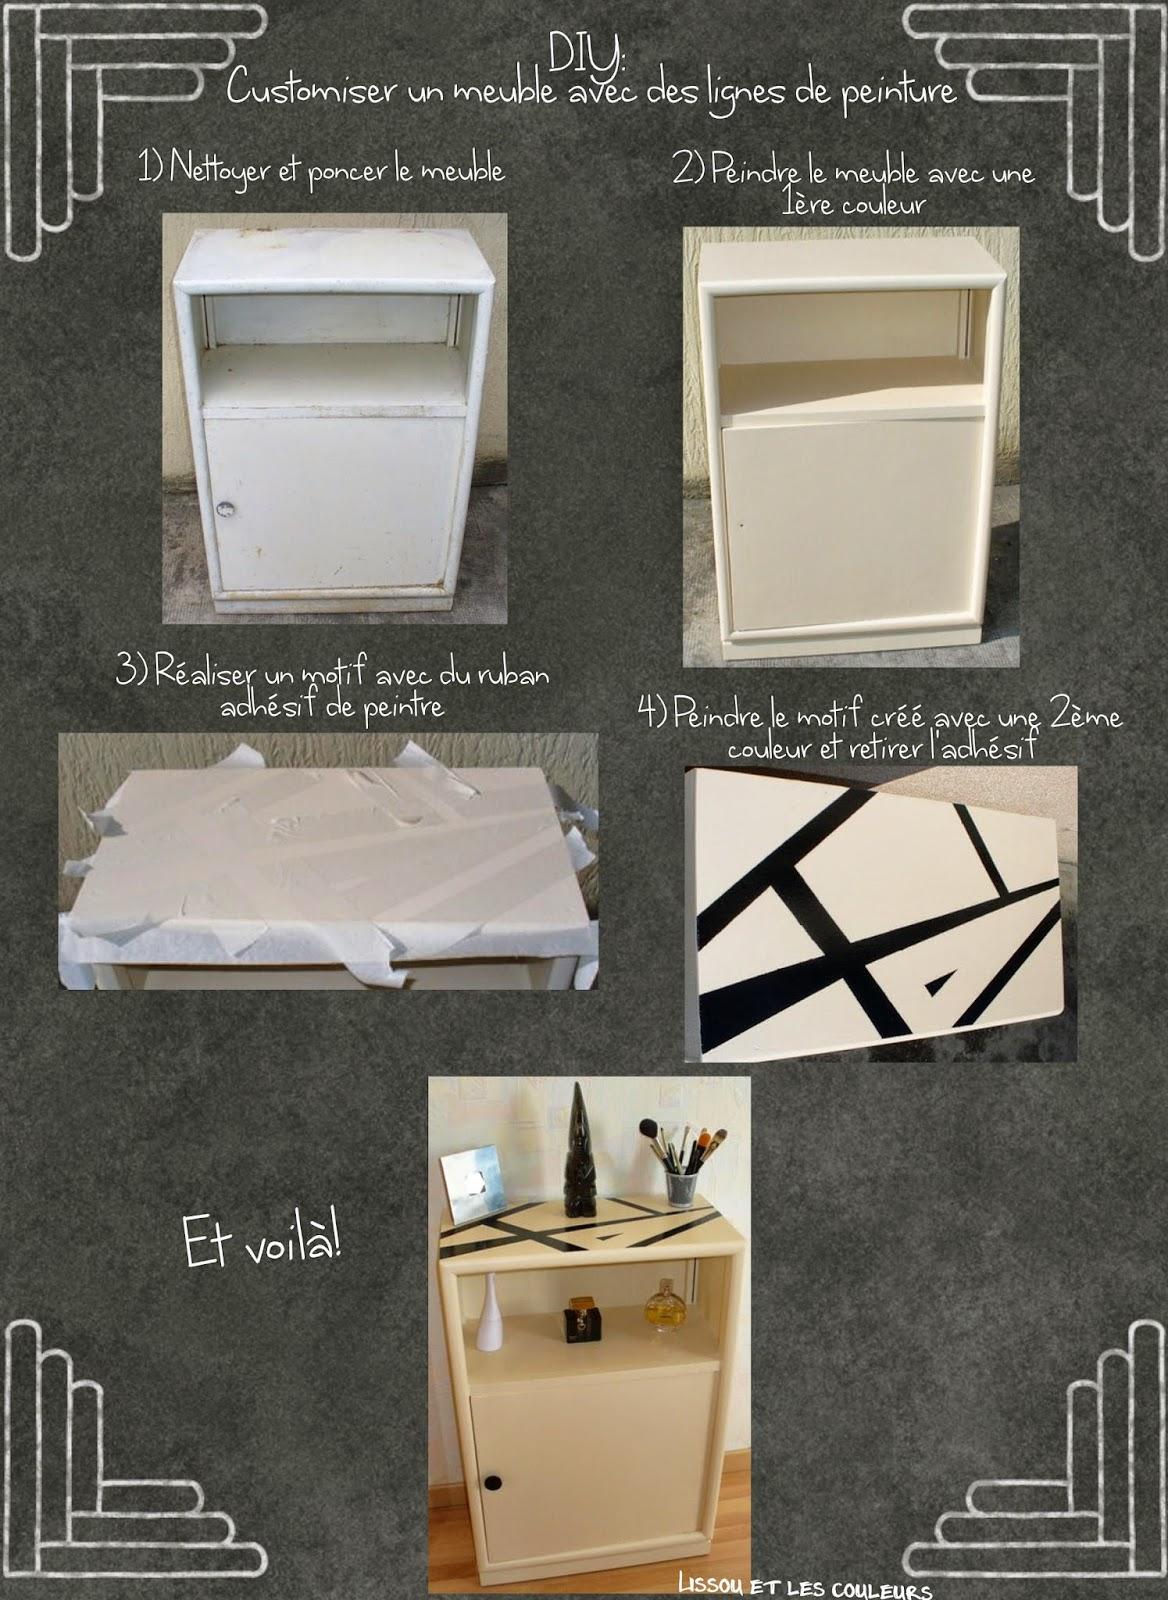 Lissou et les couleurs diy customiser un meuble avec des - Customiser un meuble ...